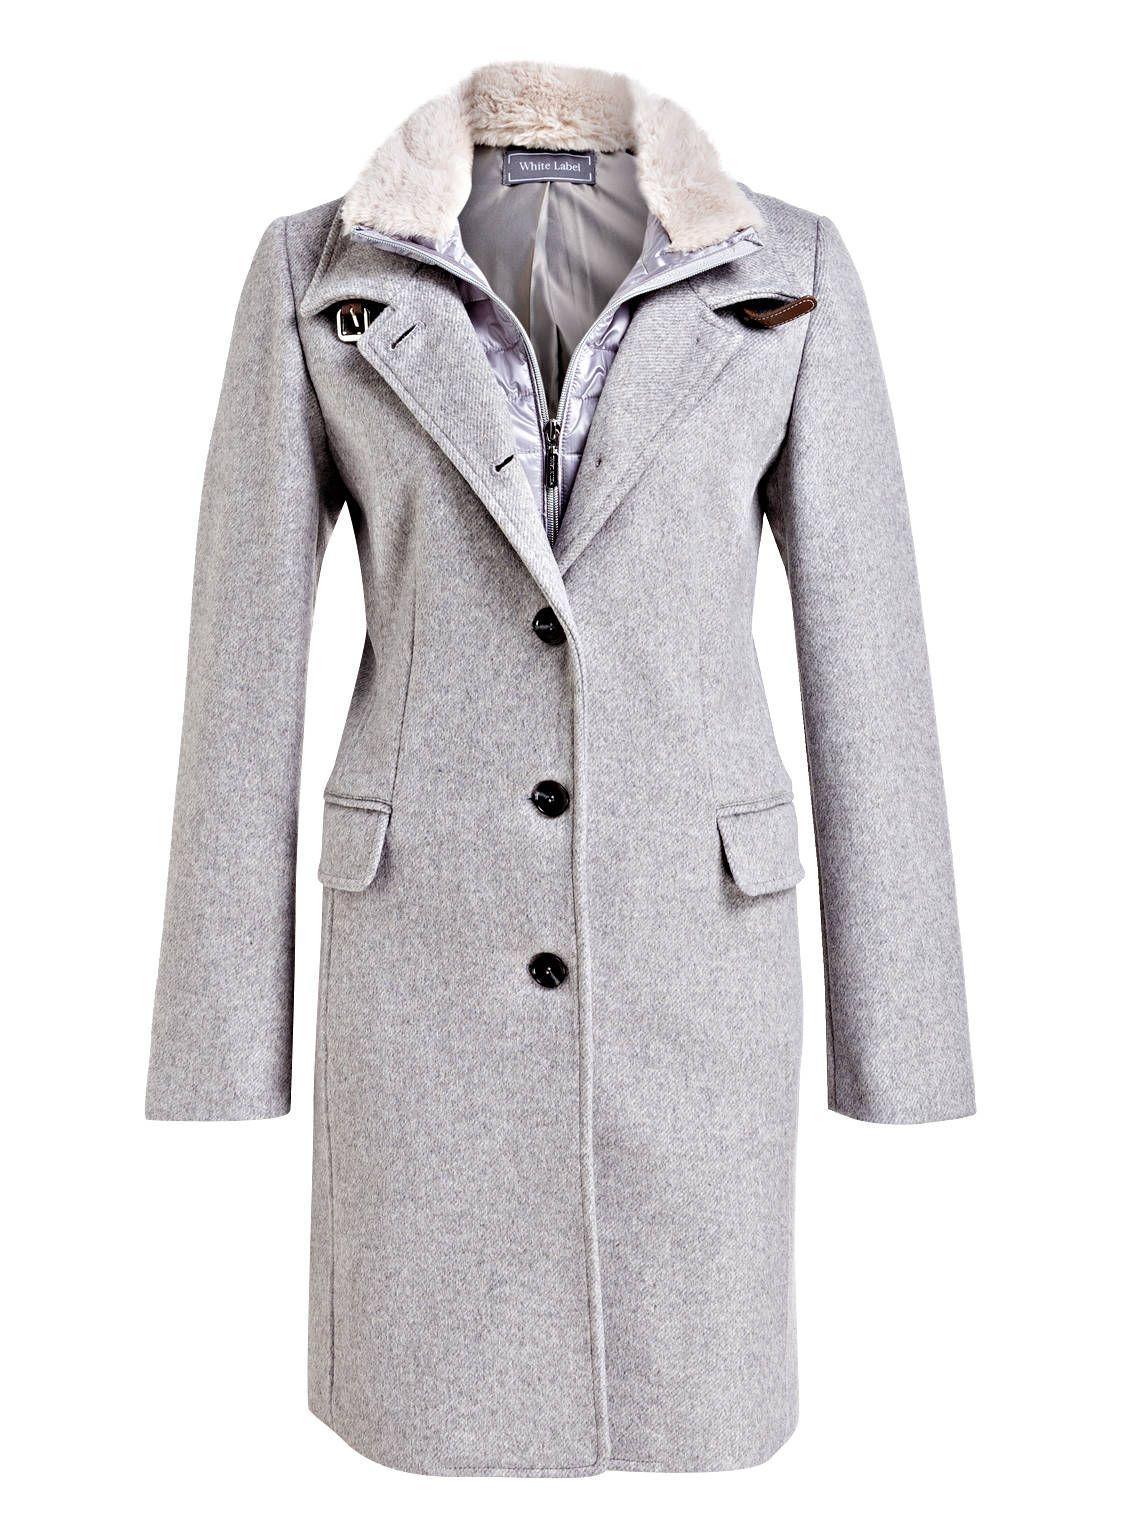 Mantel Von White Label Bei Breuninger Kaufen Mantel Breuninger Wolle Kaufen